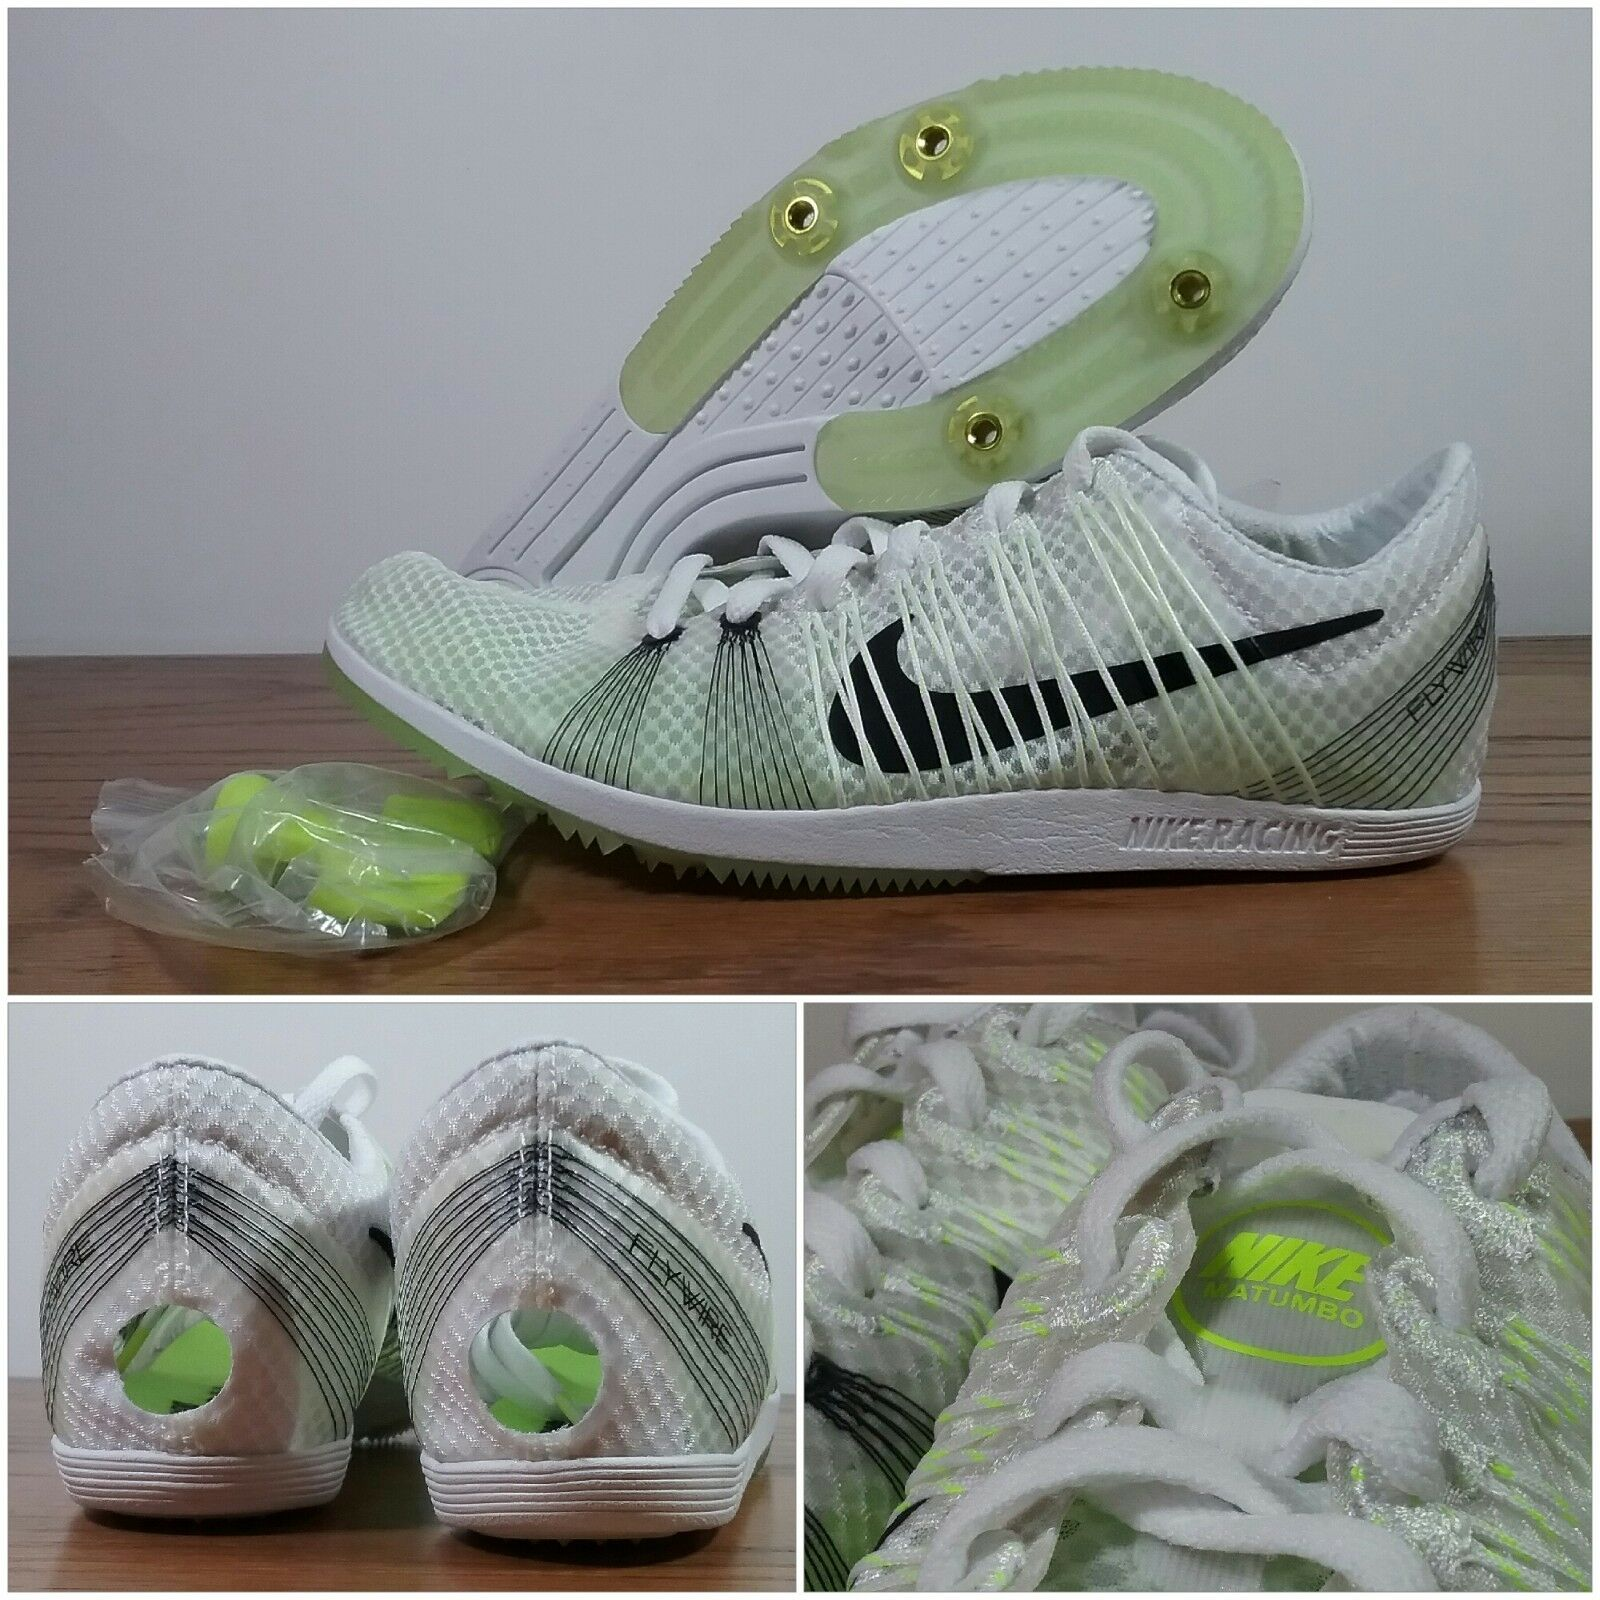 New Nike Zoom Matumbo 2 Running Racing Track Volt 526625-107 Men Sz 6.5 W Spikes